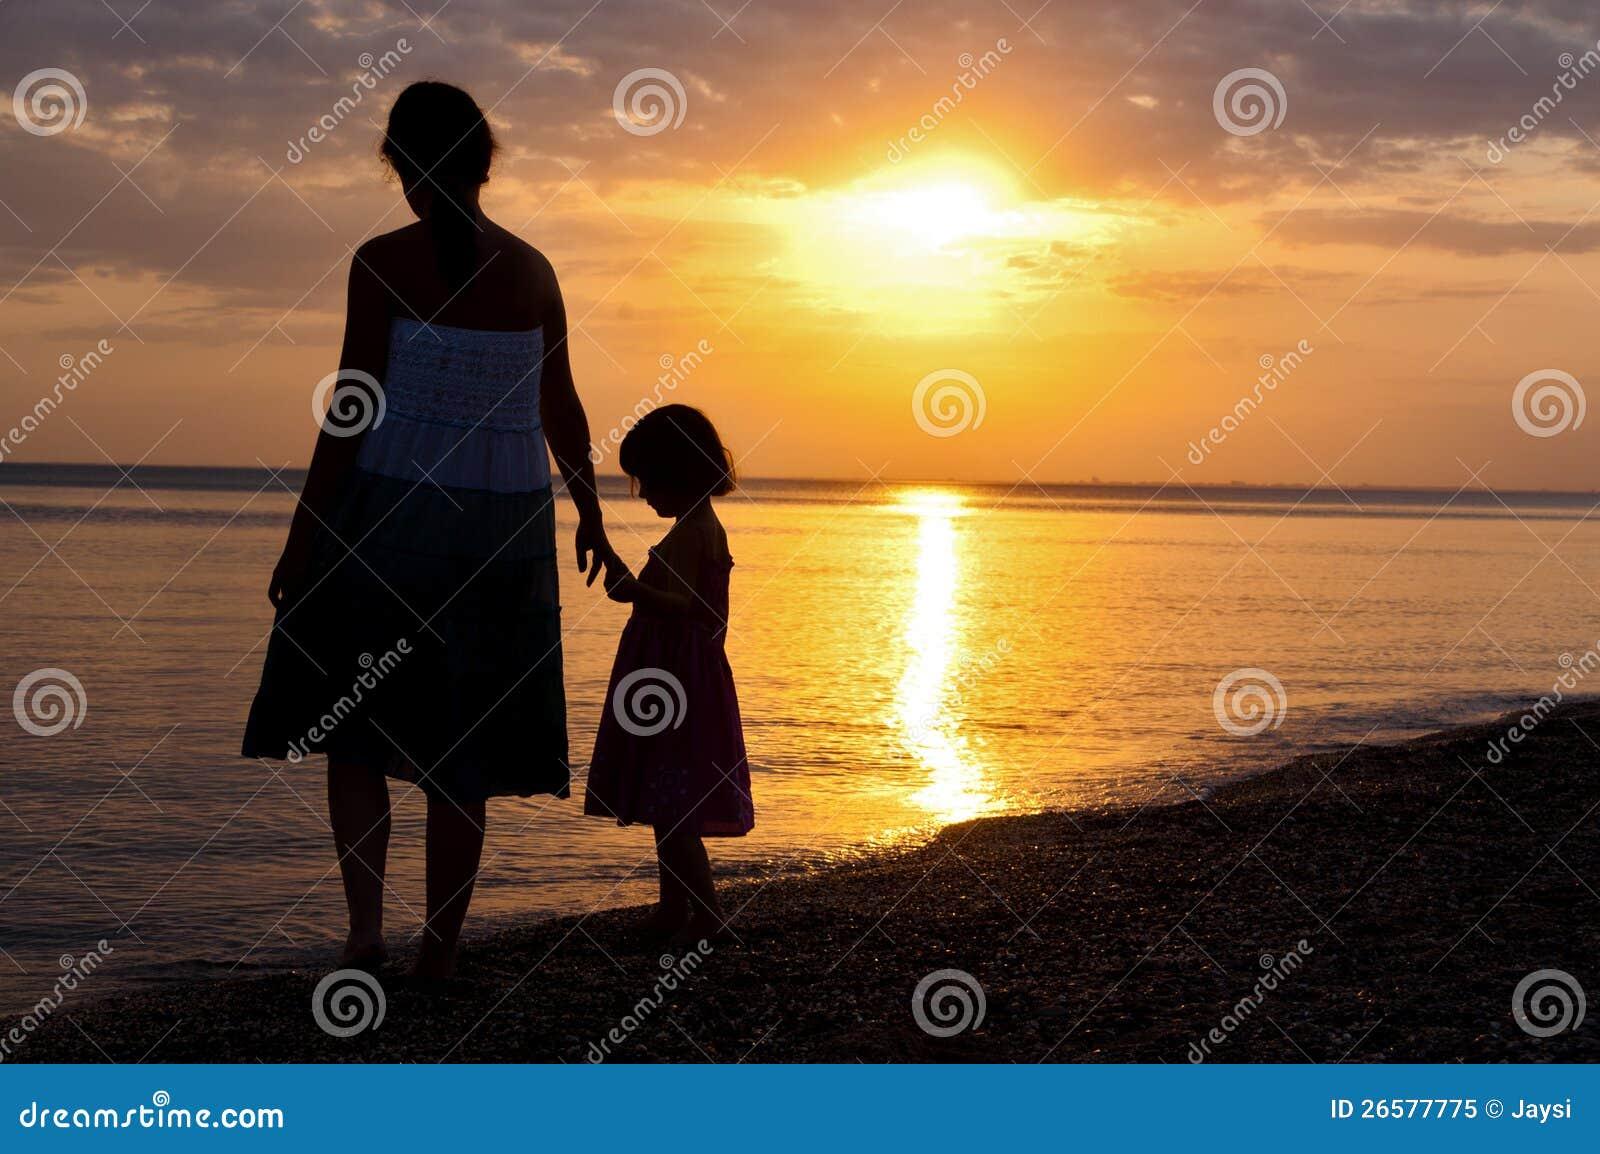 外国母亲与儿子性交图片_在日落海滩的母亲和孩子剪影